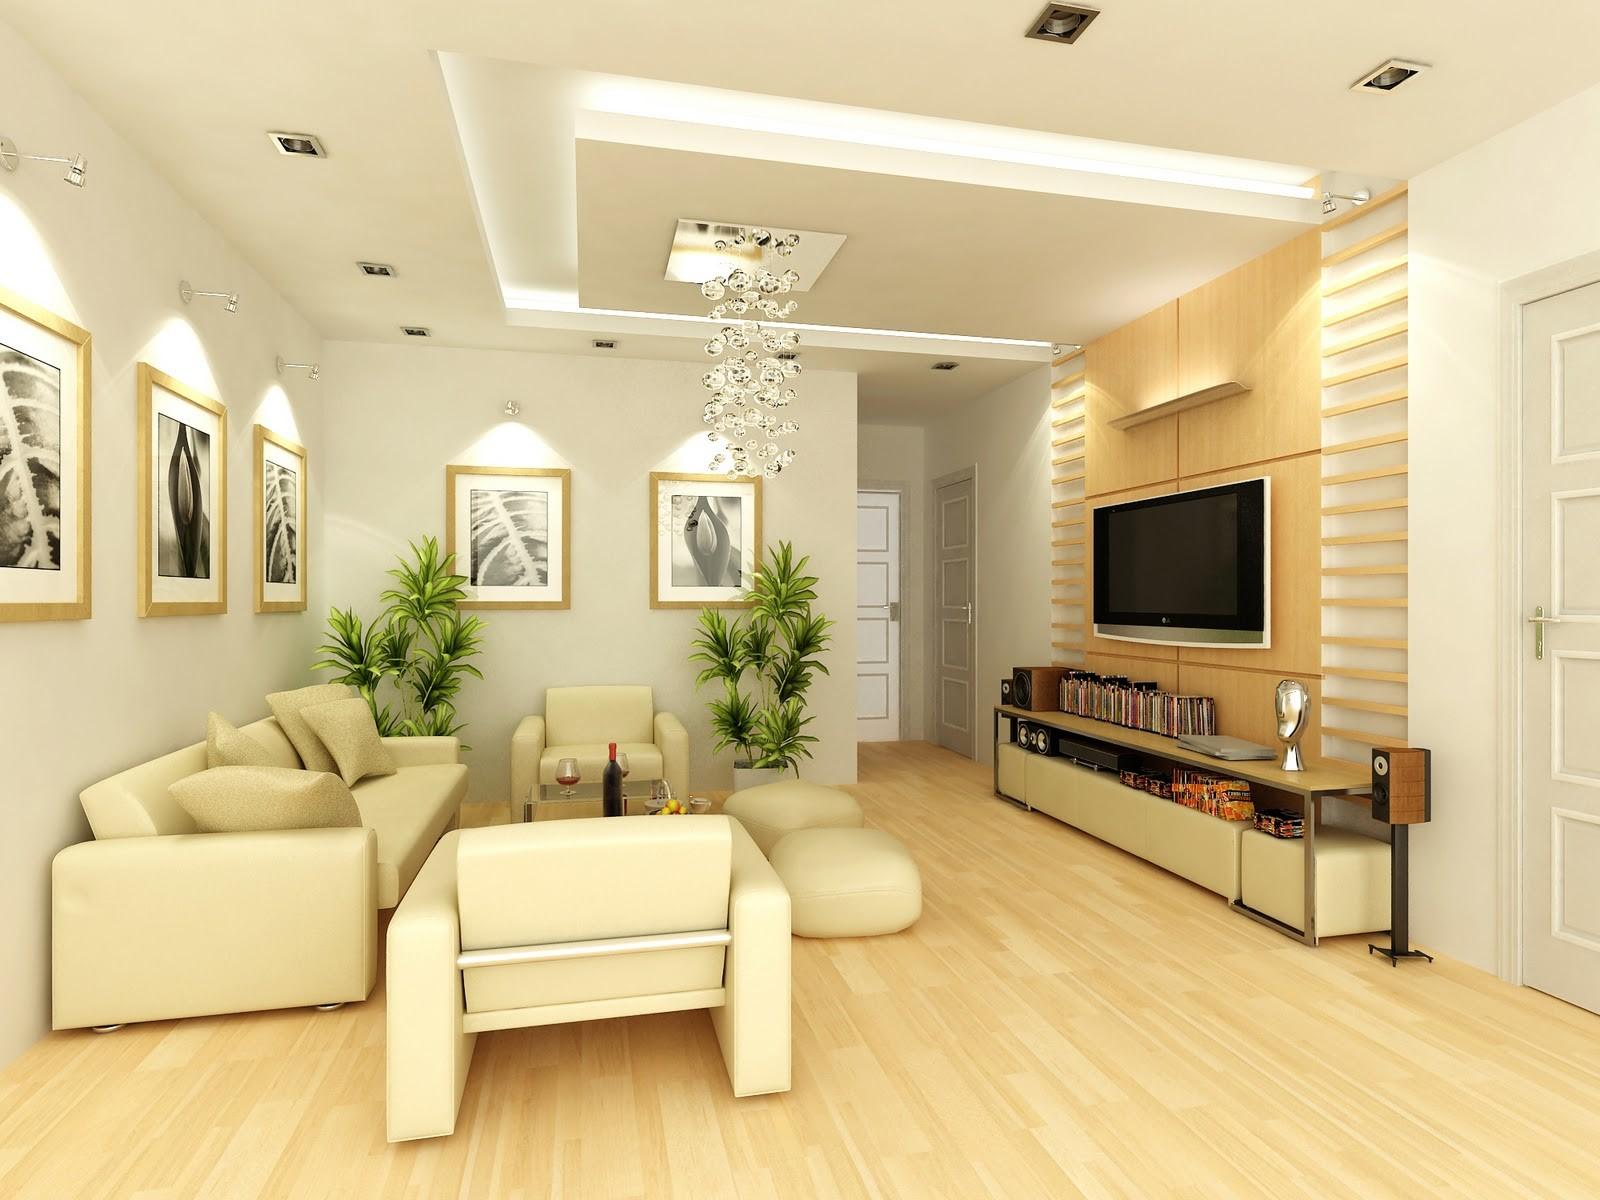 Nắm cách bố trí các phòng để sắp xếp nội thất cho không gian sinh hoạt hợp lí